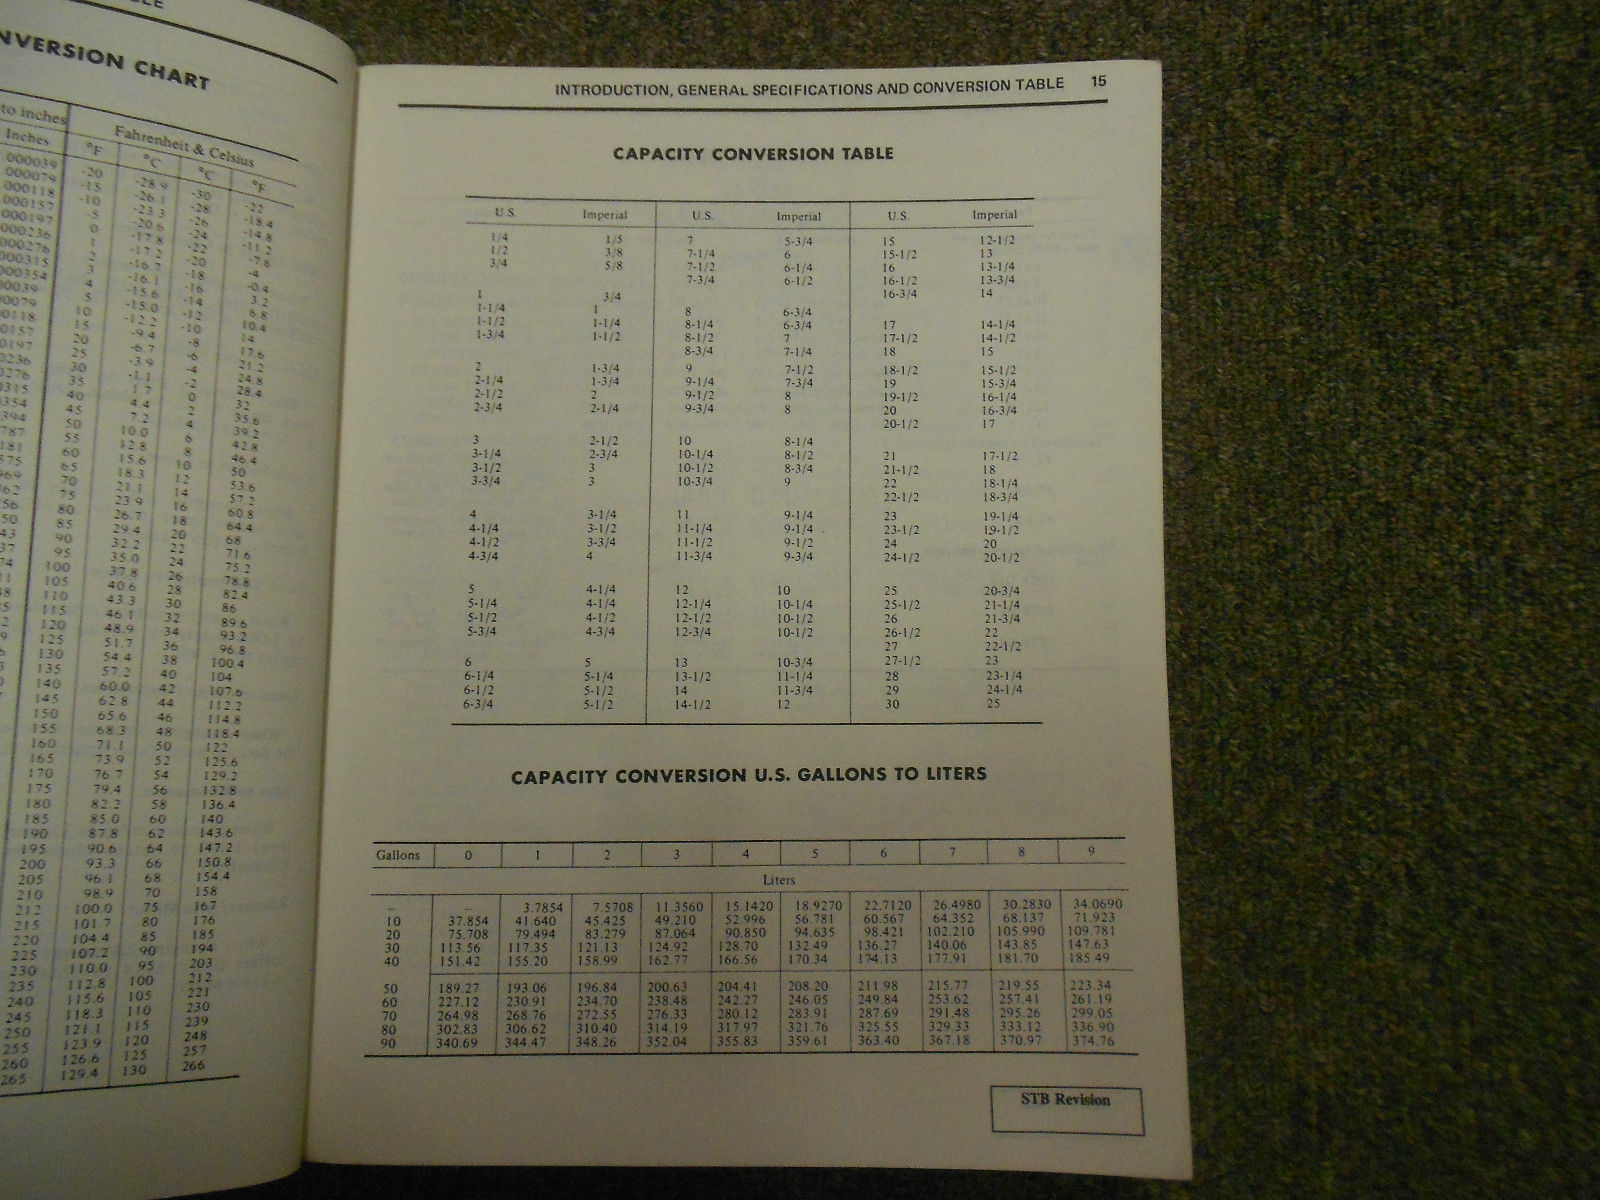 1985 MITSUBISHI Truck Service Repair Shop Manual OEM BOOK 85 FACTORY DEALERSHIP